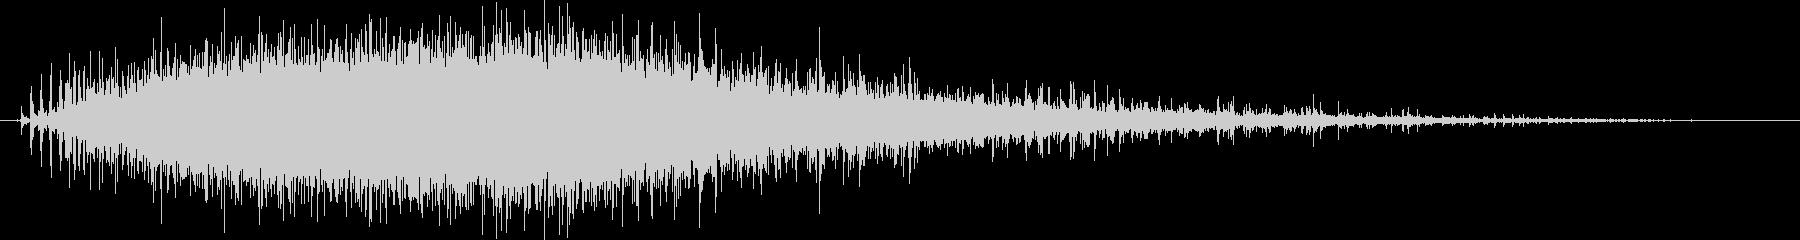 キュイーン(電動ドリルの音)mediumの未再生の波形